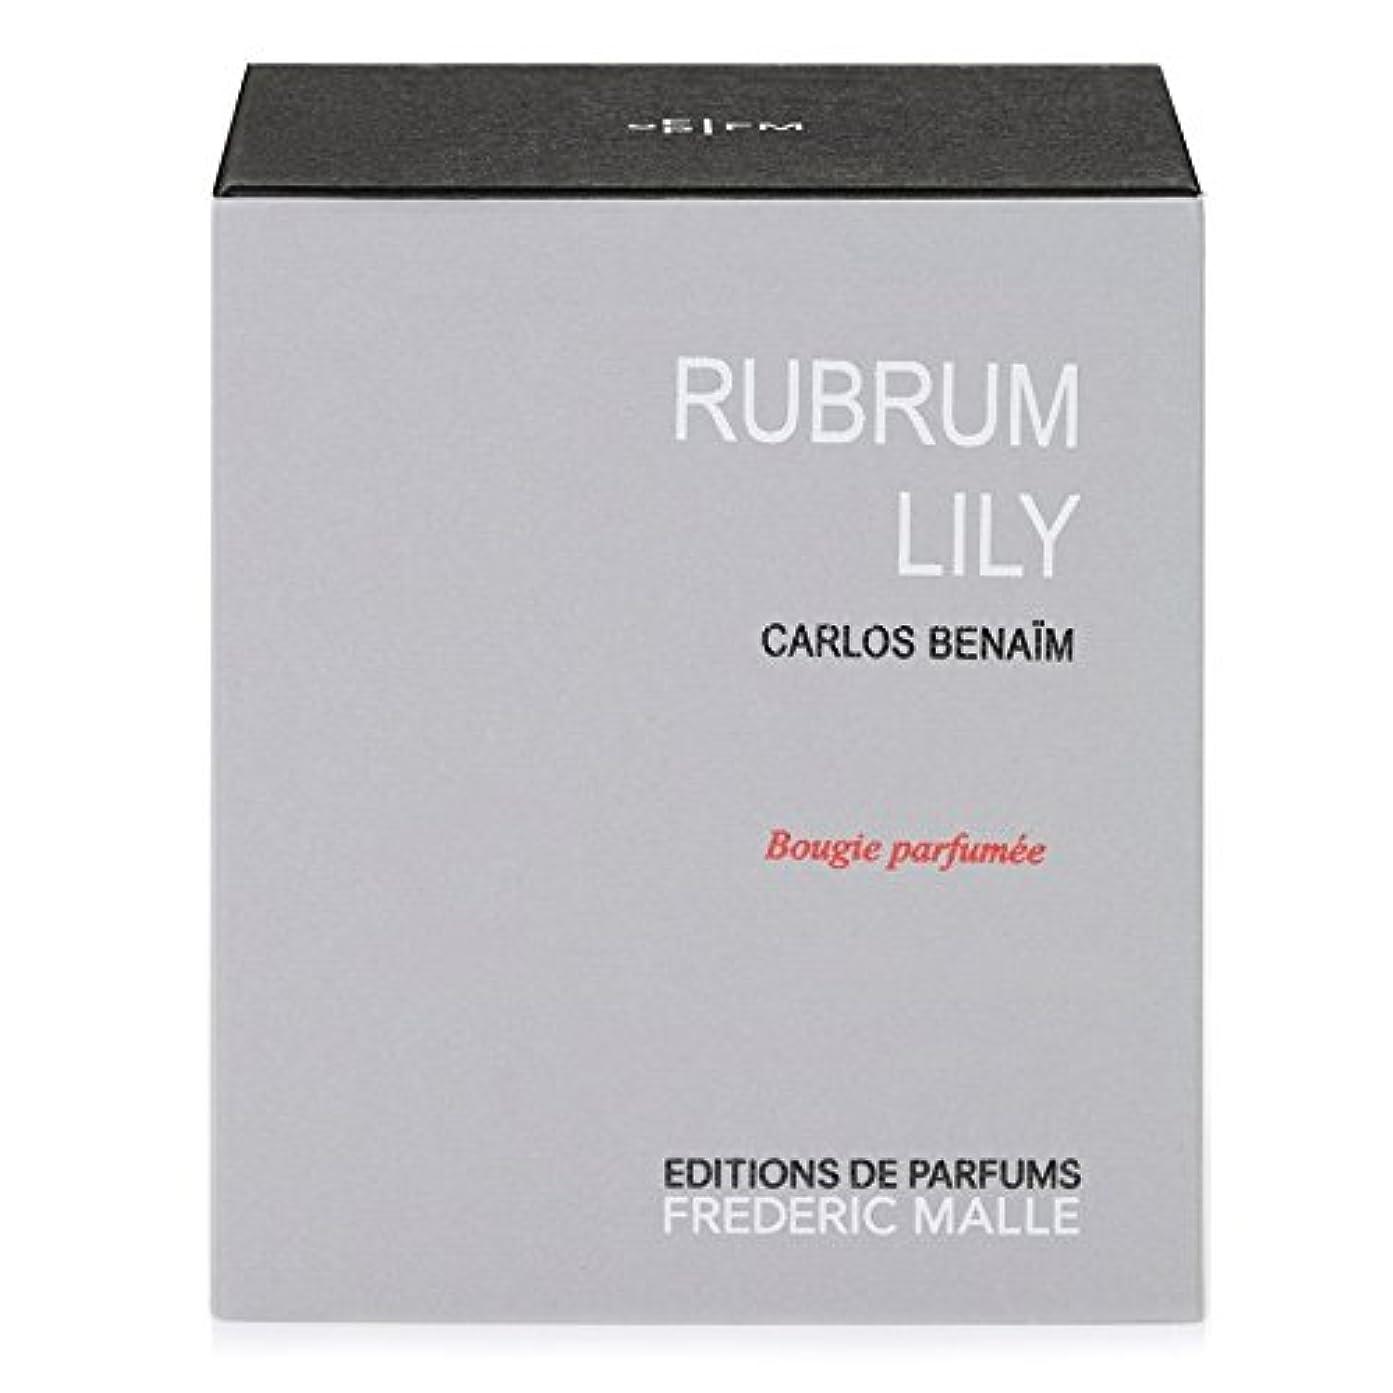 スイ噴水攻撃的Frederic Malle Rubrum Lily Scented Candle (Pack of 4) - フレデリック?マルルブルムユリの香りのキャンドル x4 [並行輸入品]